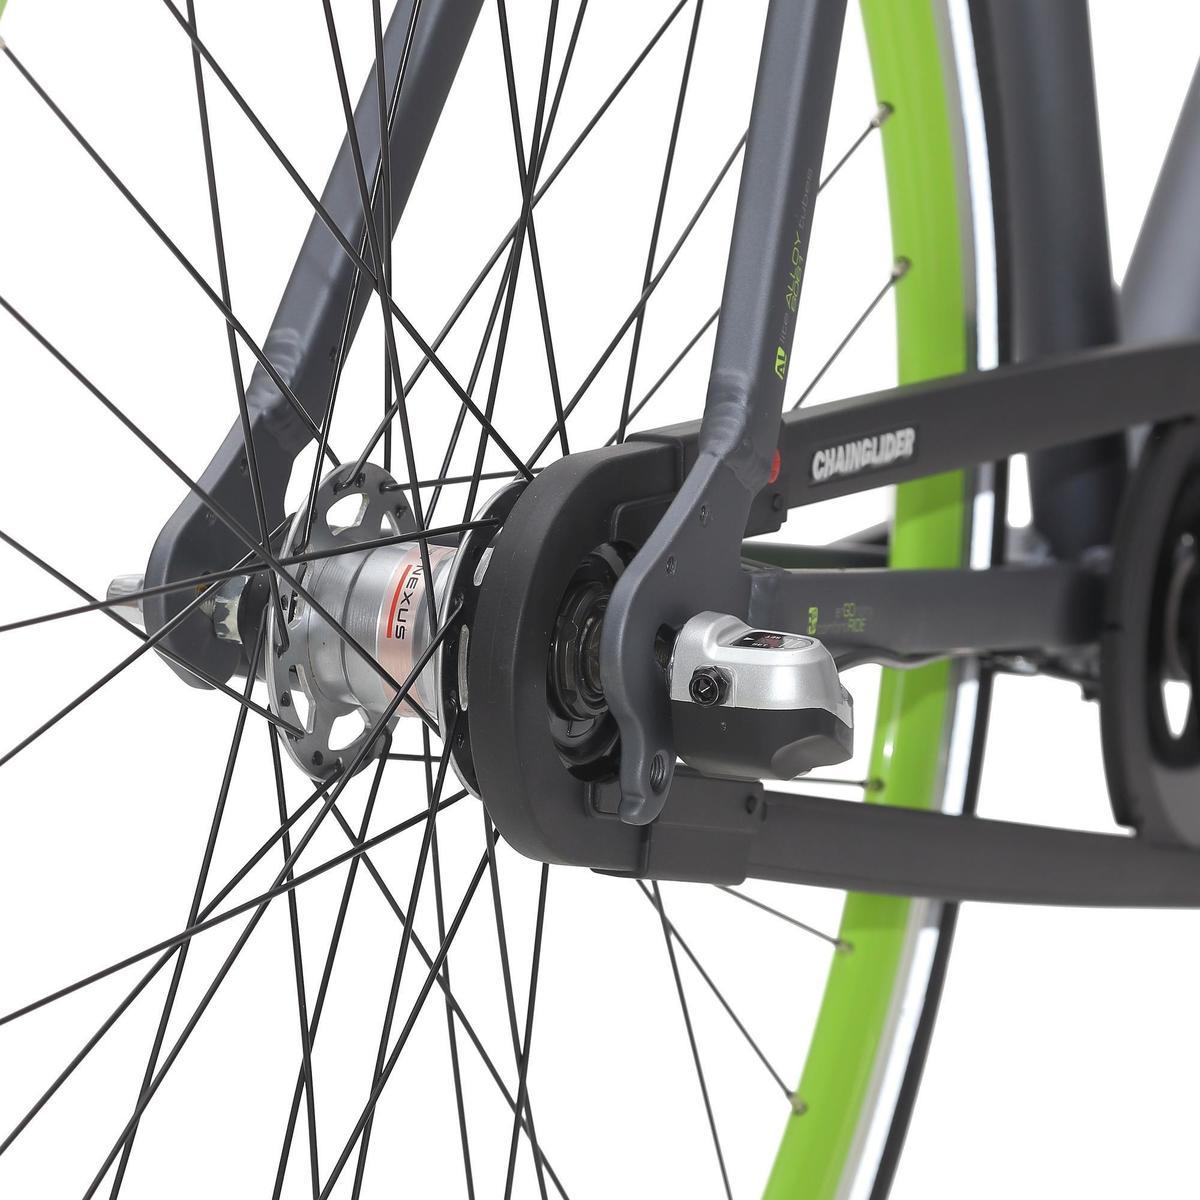 Bild 5 von City-Bike 28 City Speed 500 Nexus 3 mattgrau/neongrün